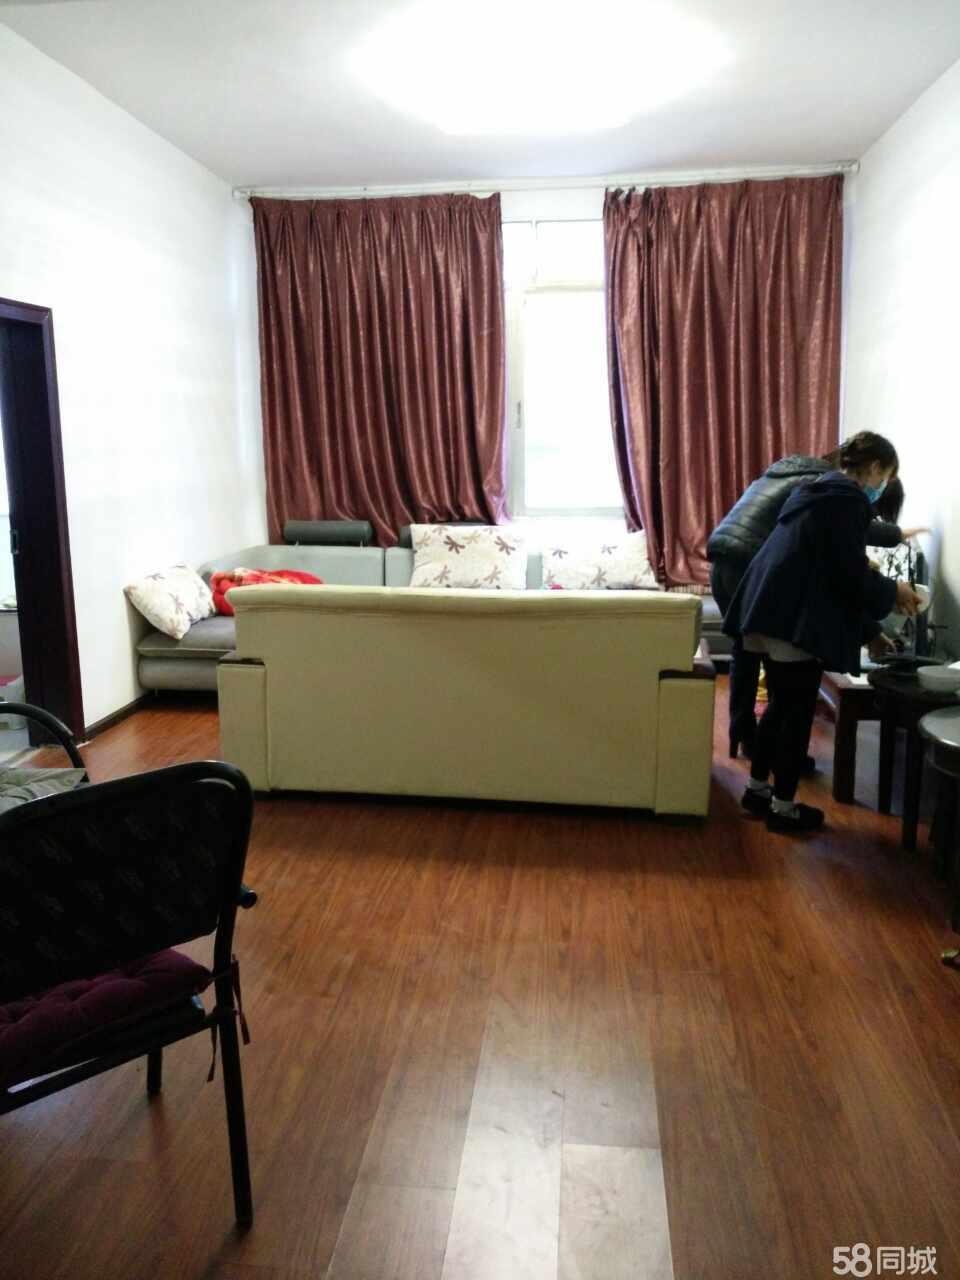 澳门拉斯维加斯娱乐自建房2室1厅65平米精装修年付